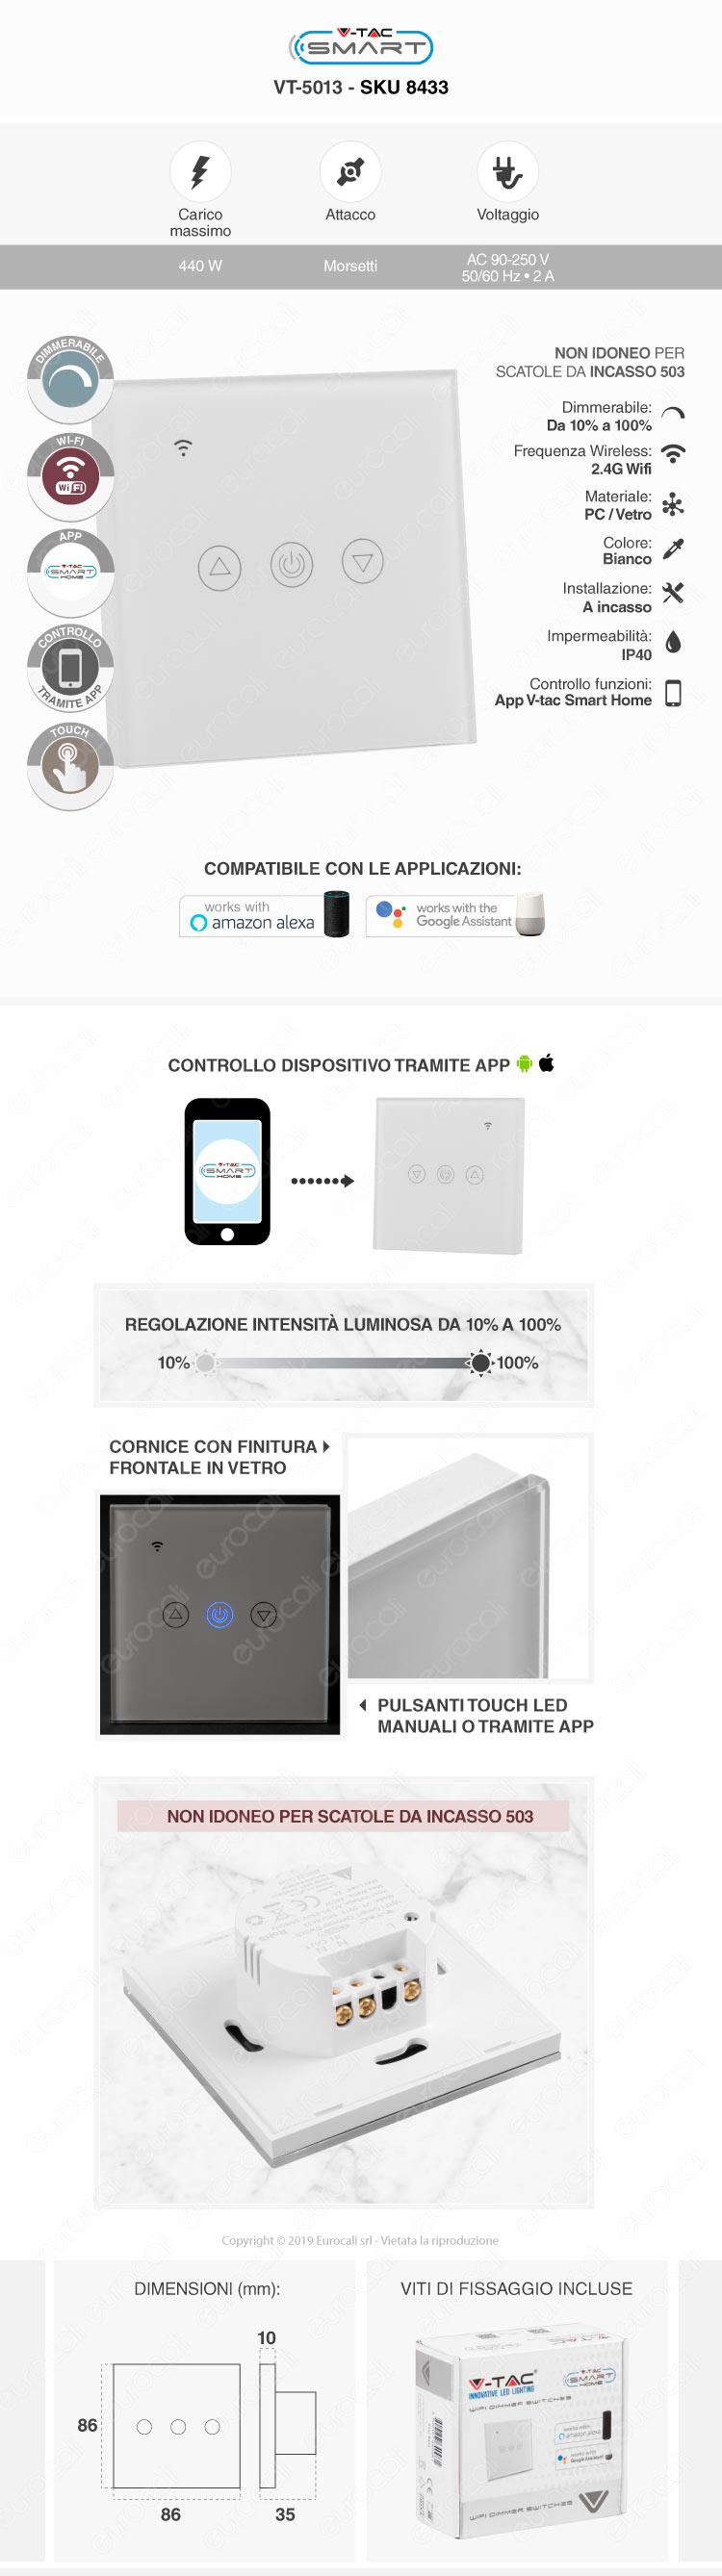 V-Tac Smart VT-5005 Interruttore Touch Wi-Fi Colore Bianco con 3 Tasti